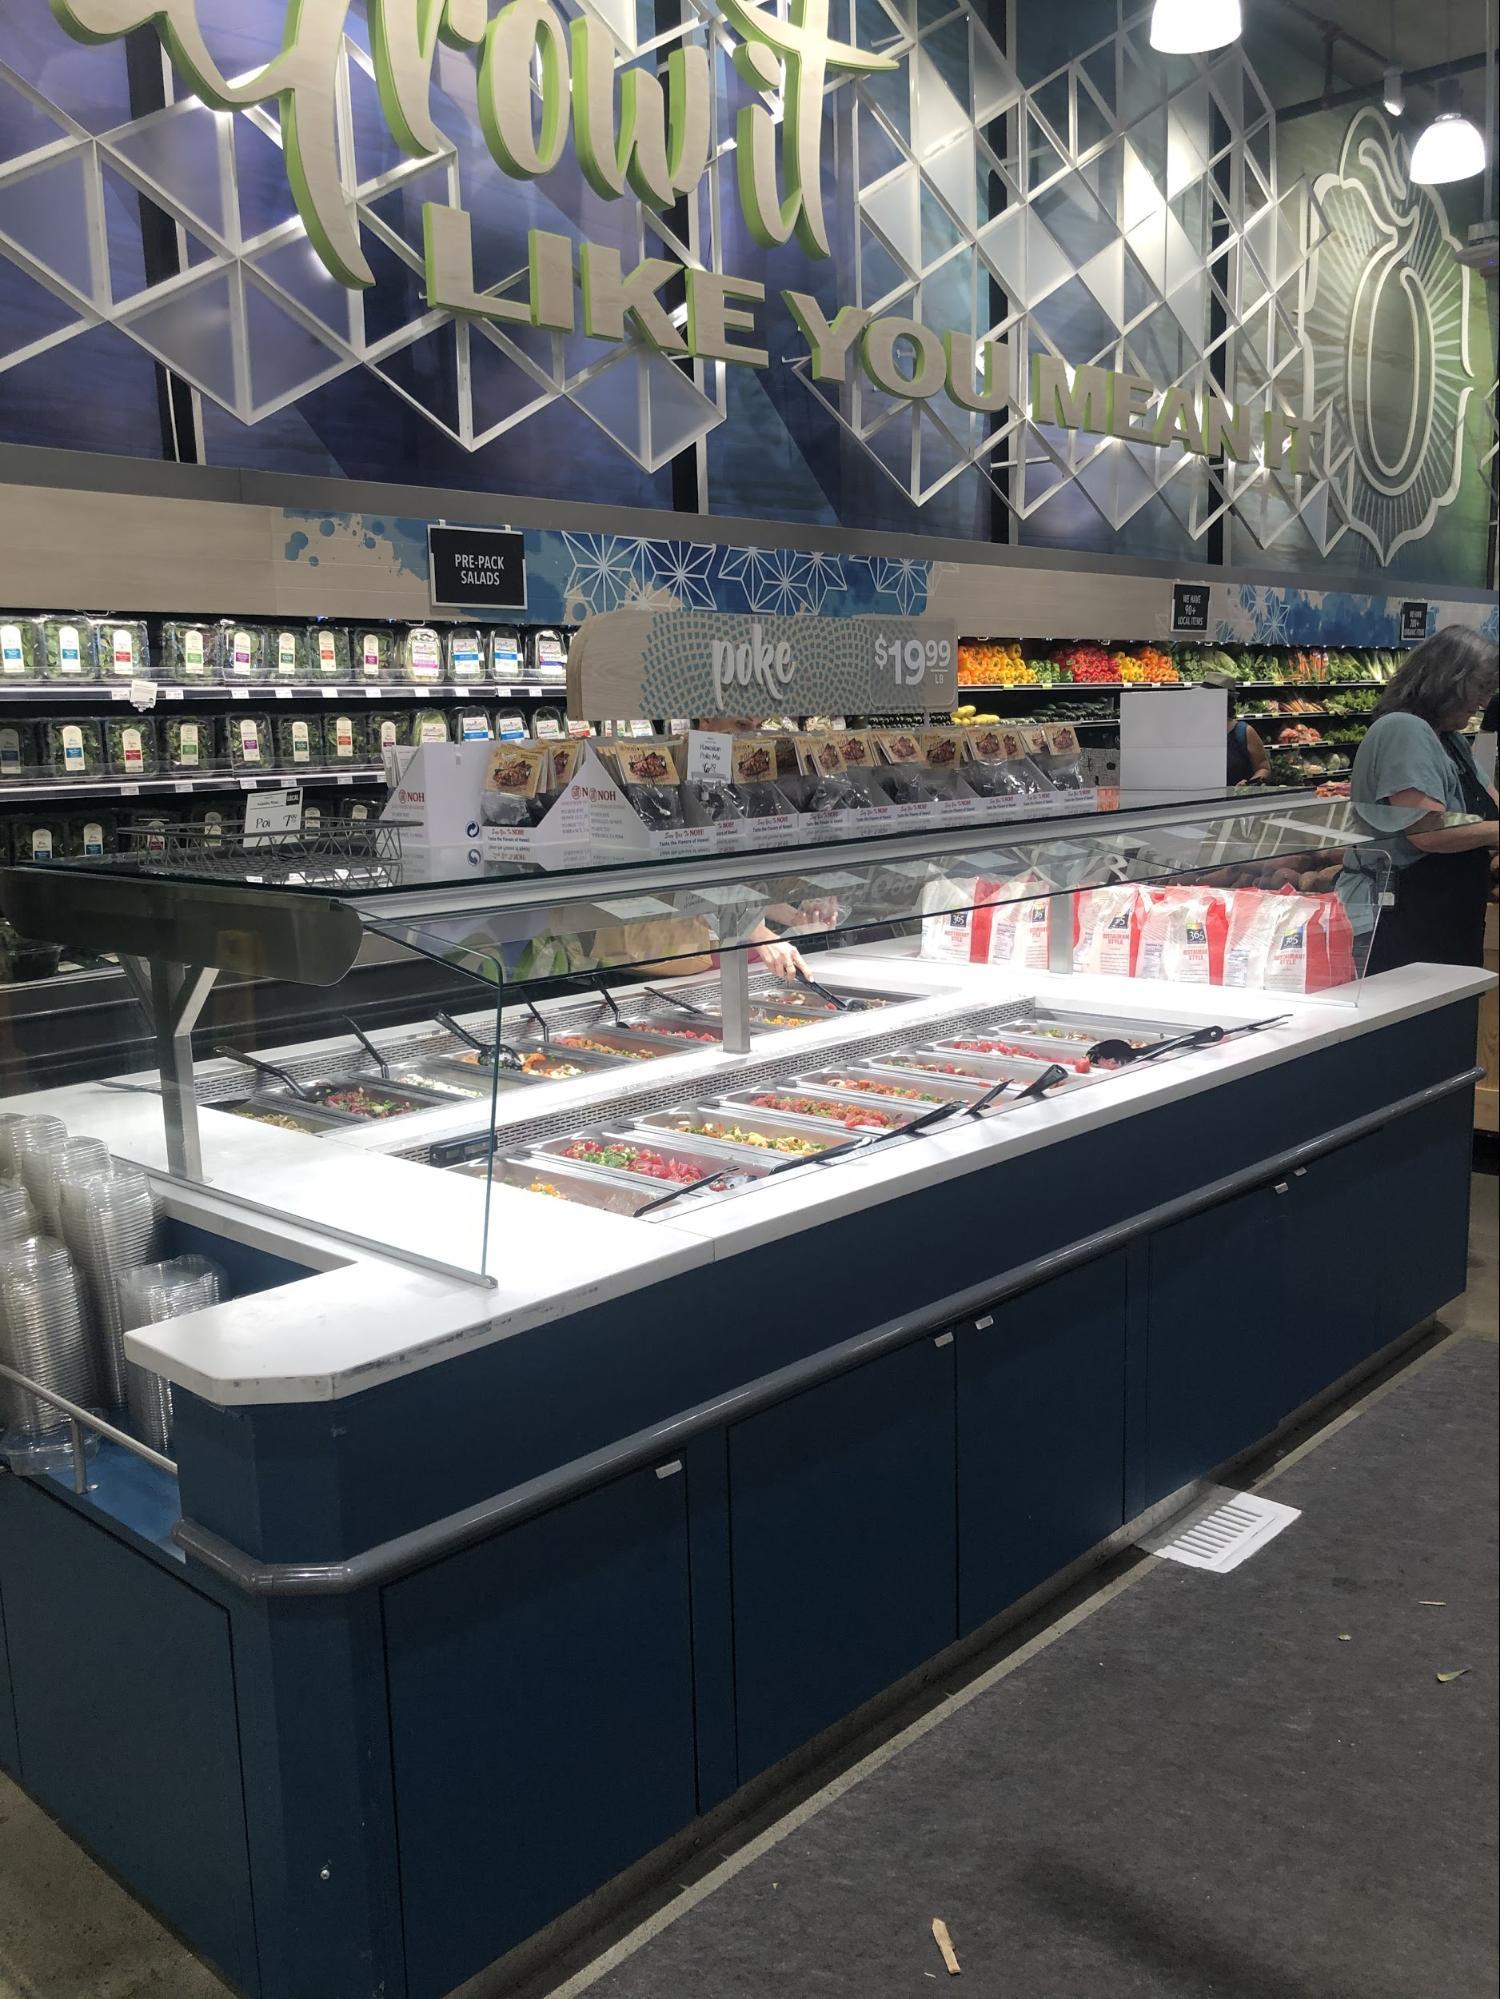 ハワイ・ホールフーズの飲食店/フードコートグルメ・ポケバー